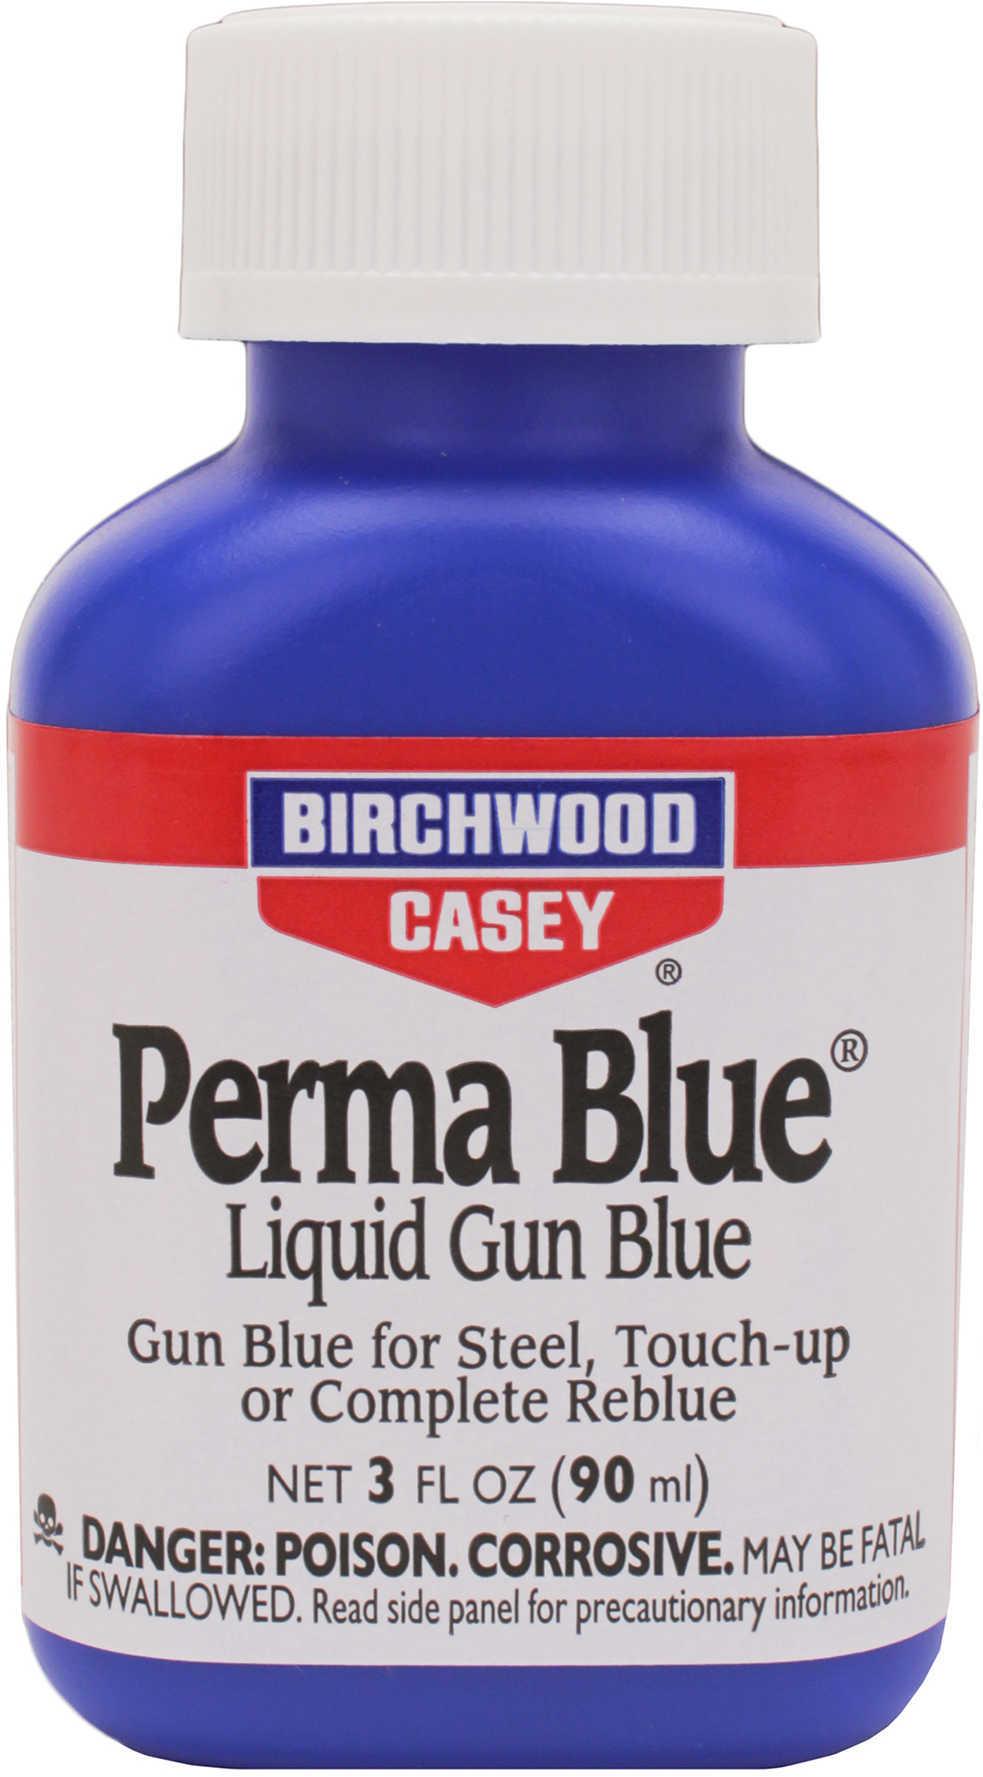 Birchwood Casey Perma Blue Liquid Gun Blue, 3Oz Md: 13125